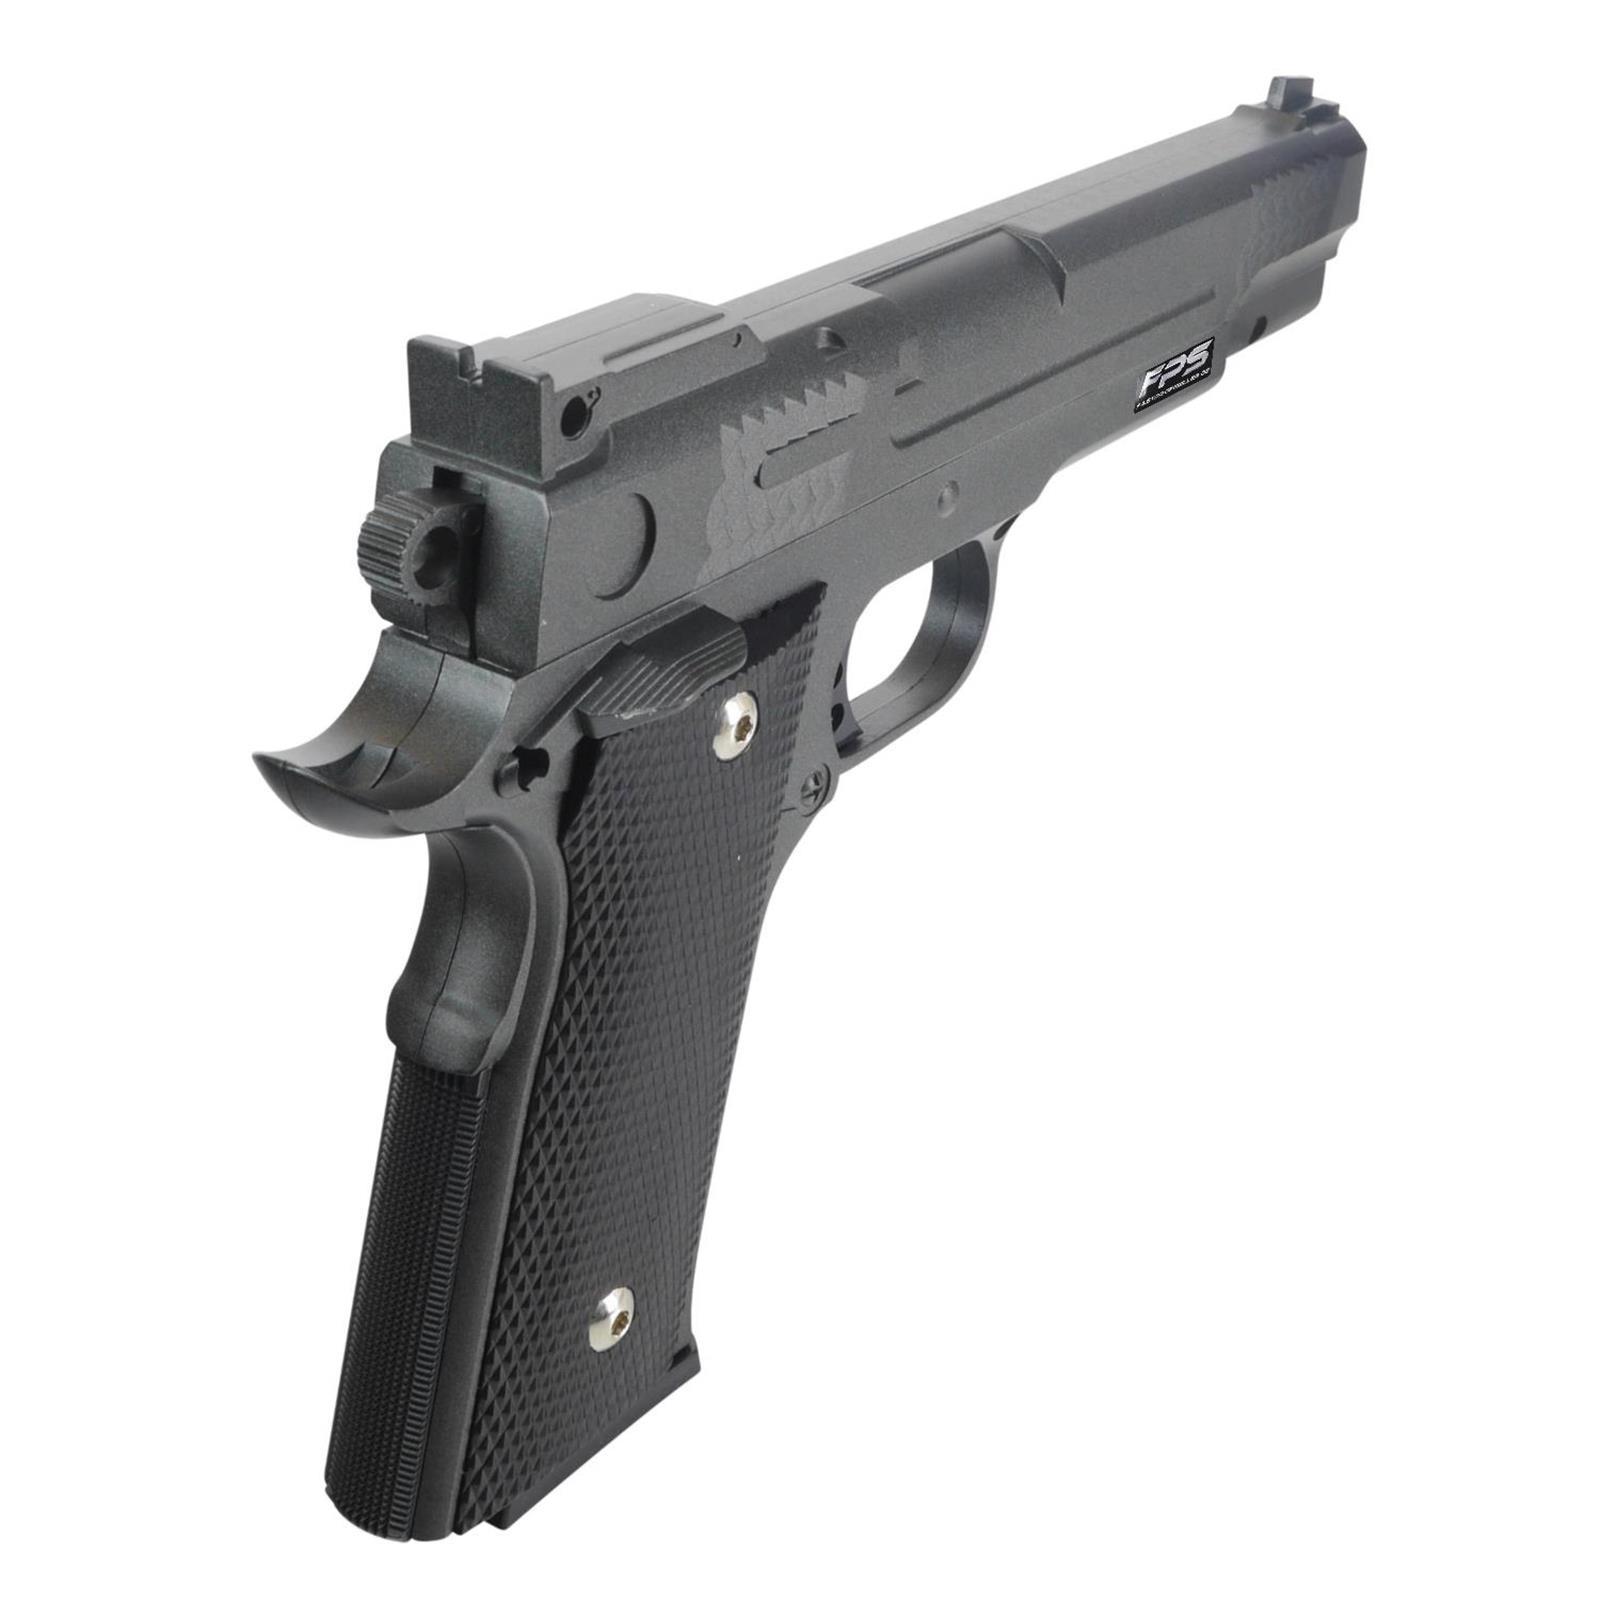 Softair Airsoft Gun Requisit Pistole Fps20 Metall 500x 0 2g Bb 6mm Grau Schwarz